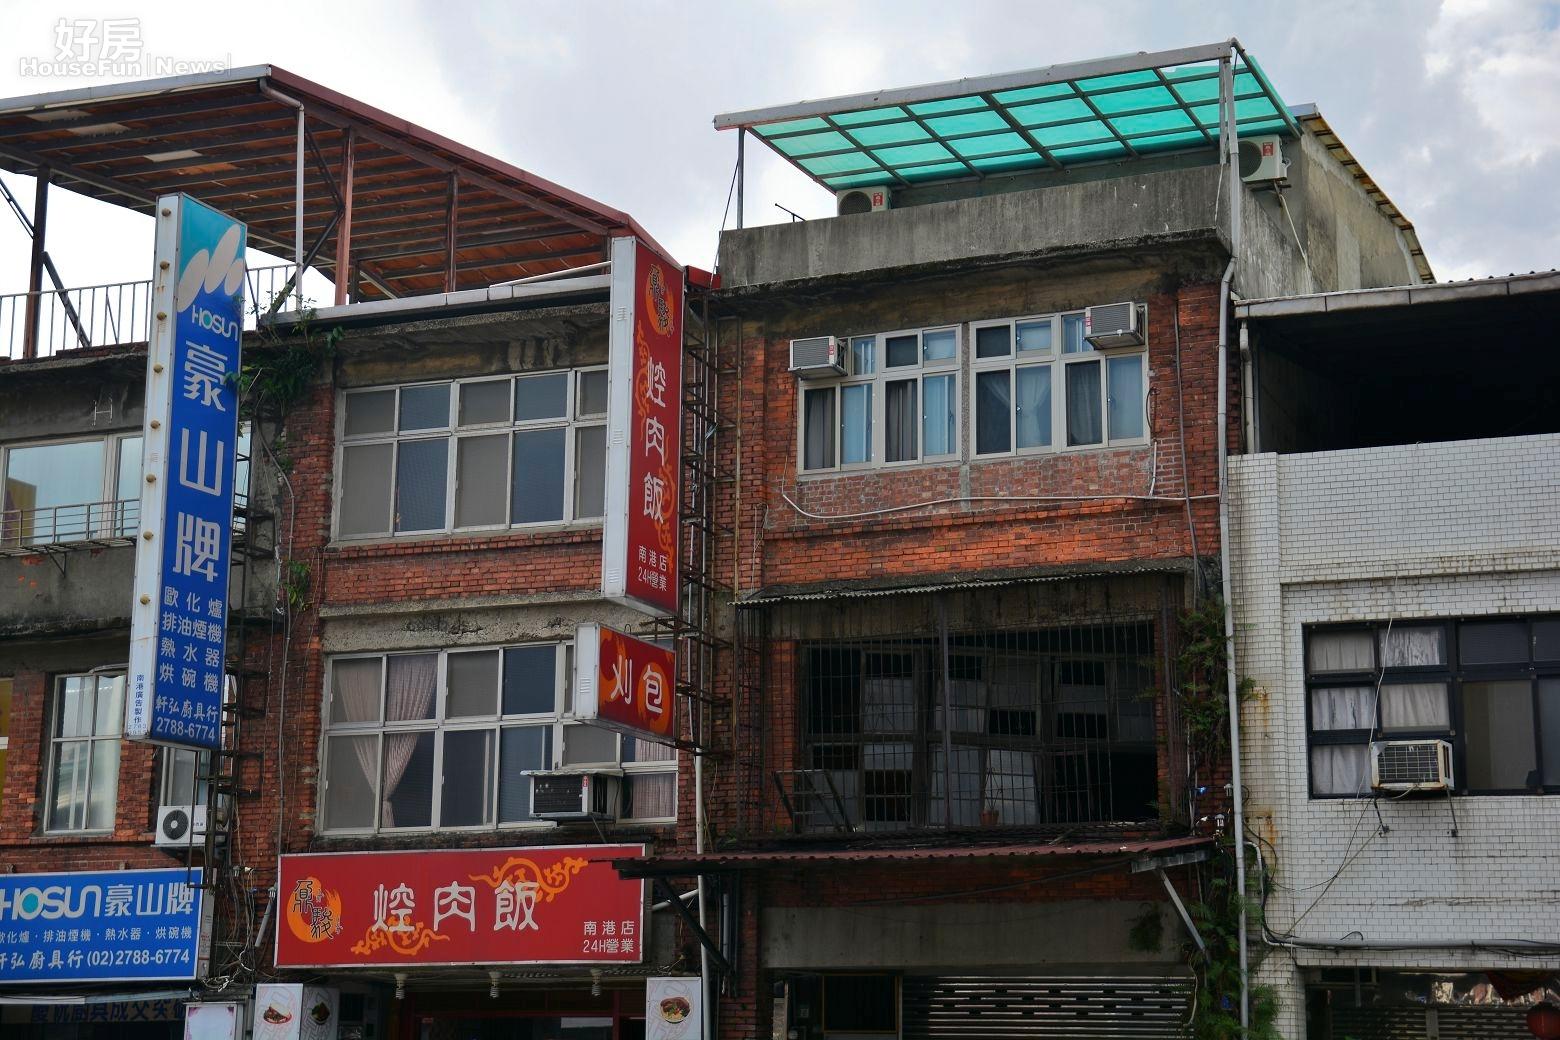 南港區老公寓,老房,老屋,老宅